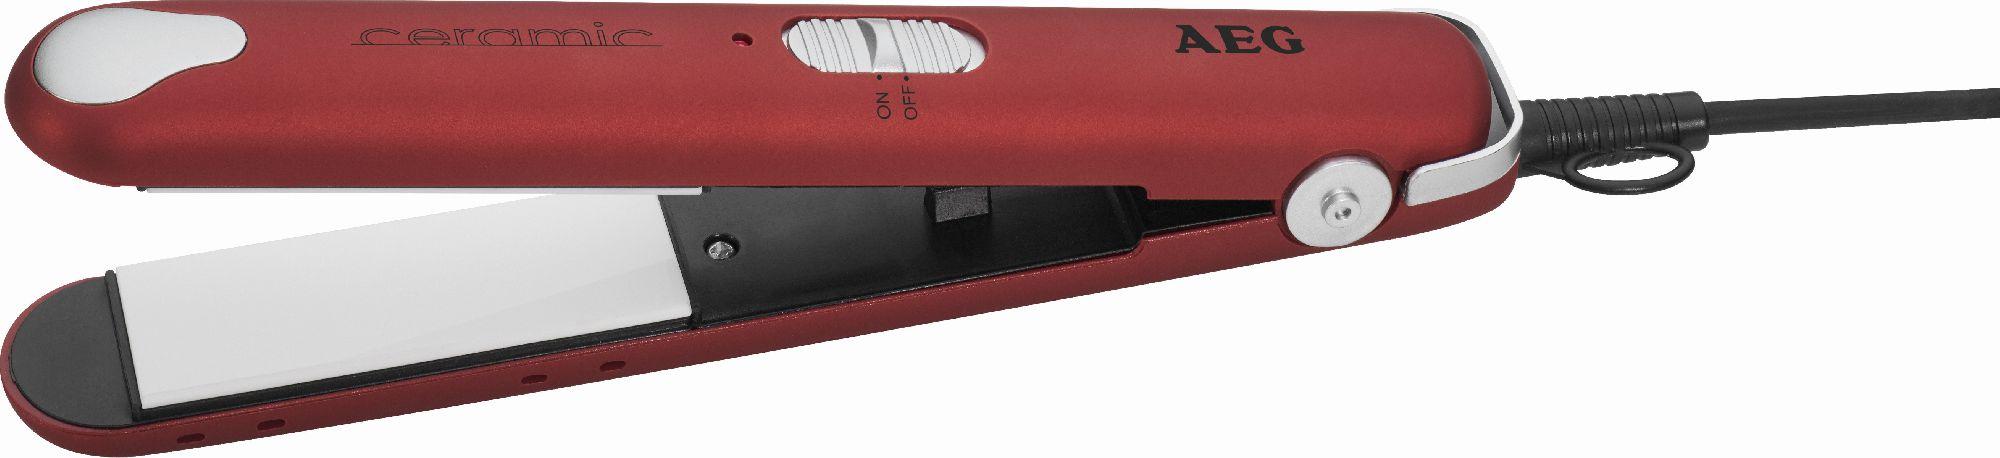 Prostownica AEG HC 5680 ( czerwono-czarna) Matu taisnotājs